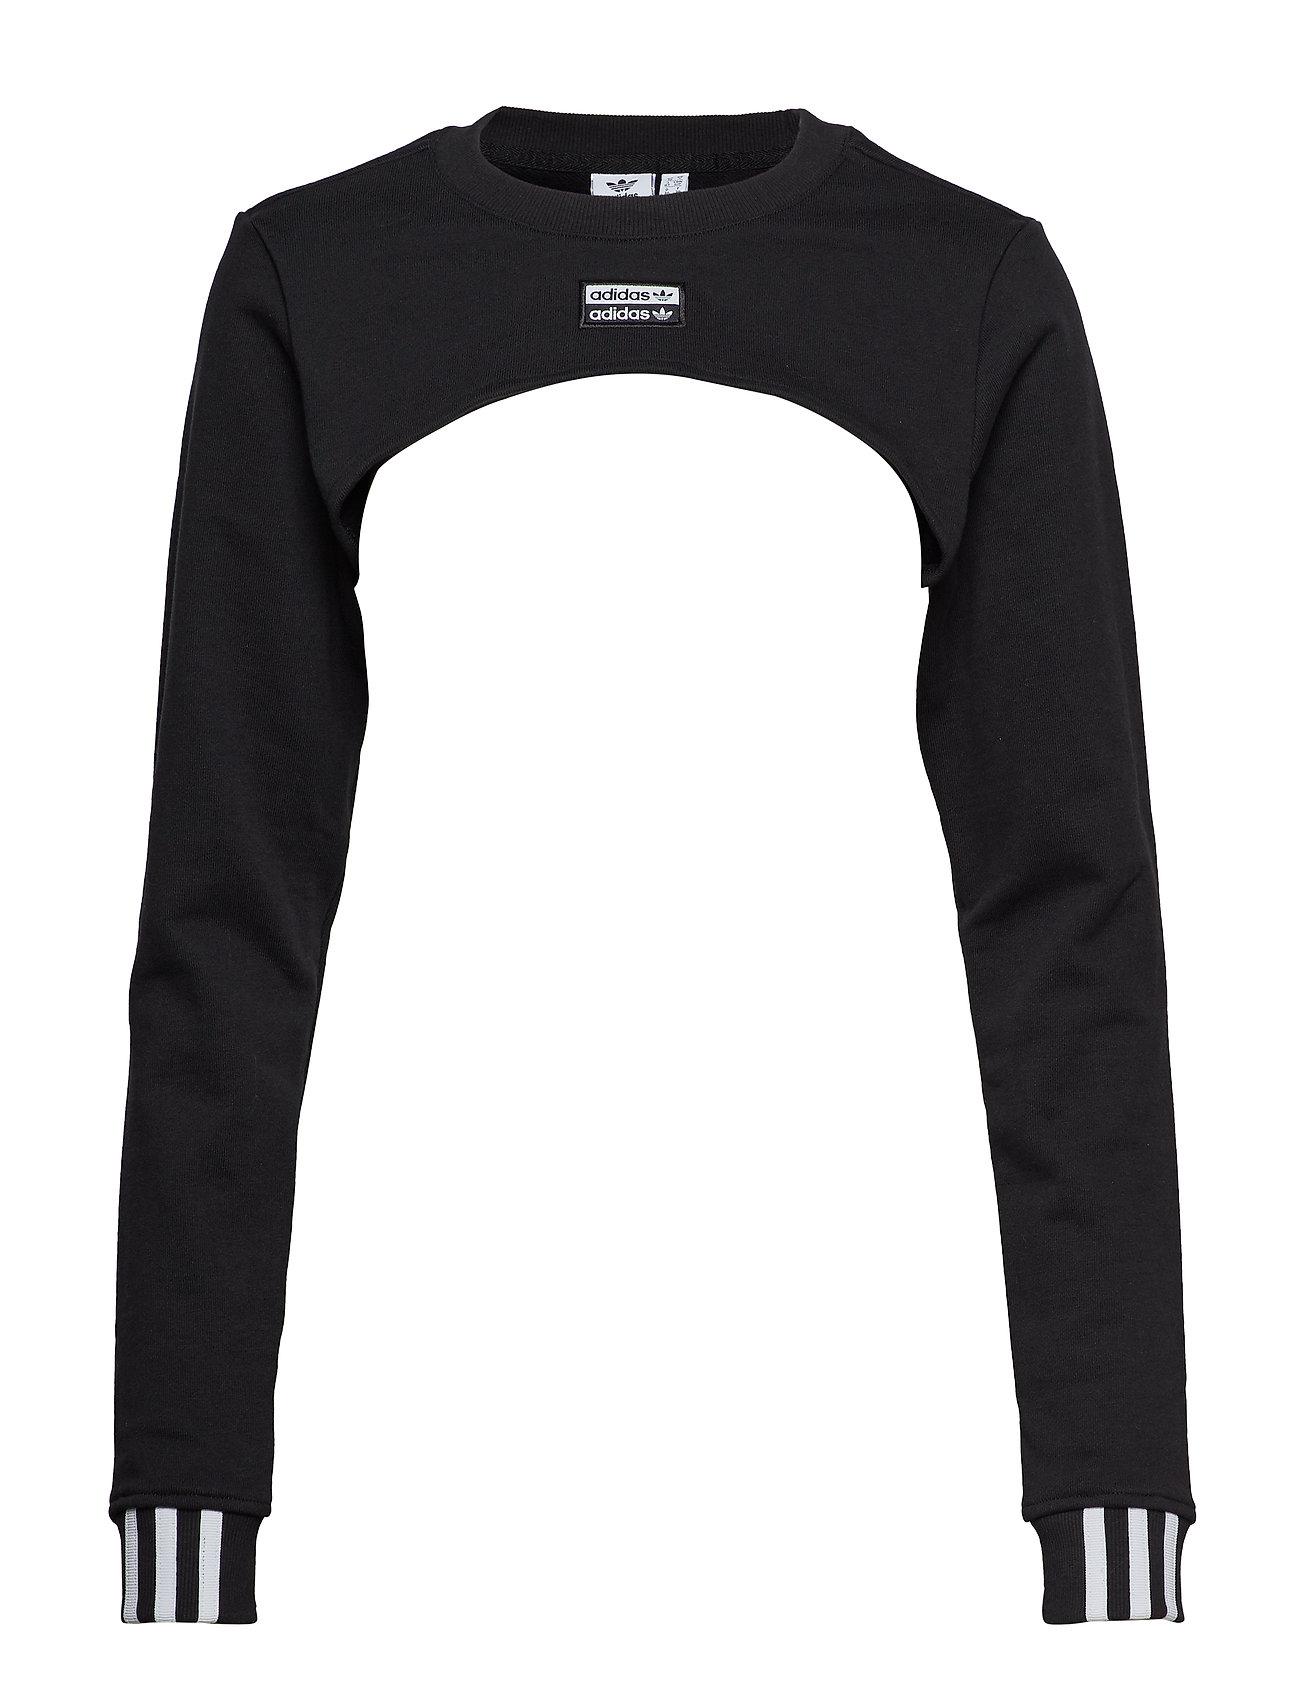 adidas Originals SHRUG SWEAT - BLACK